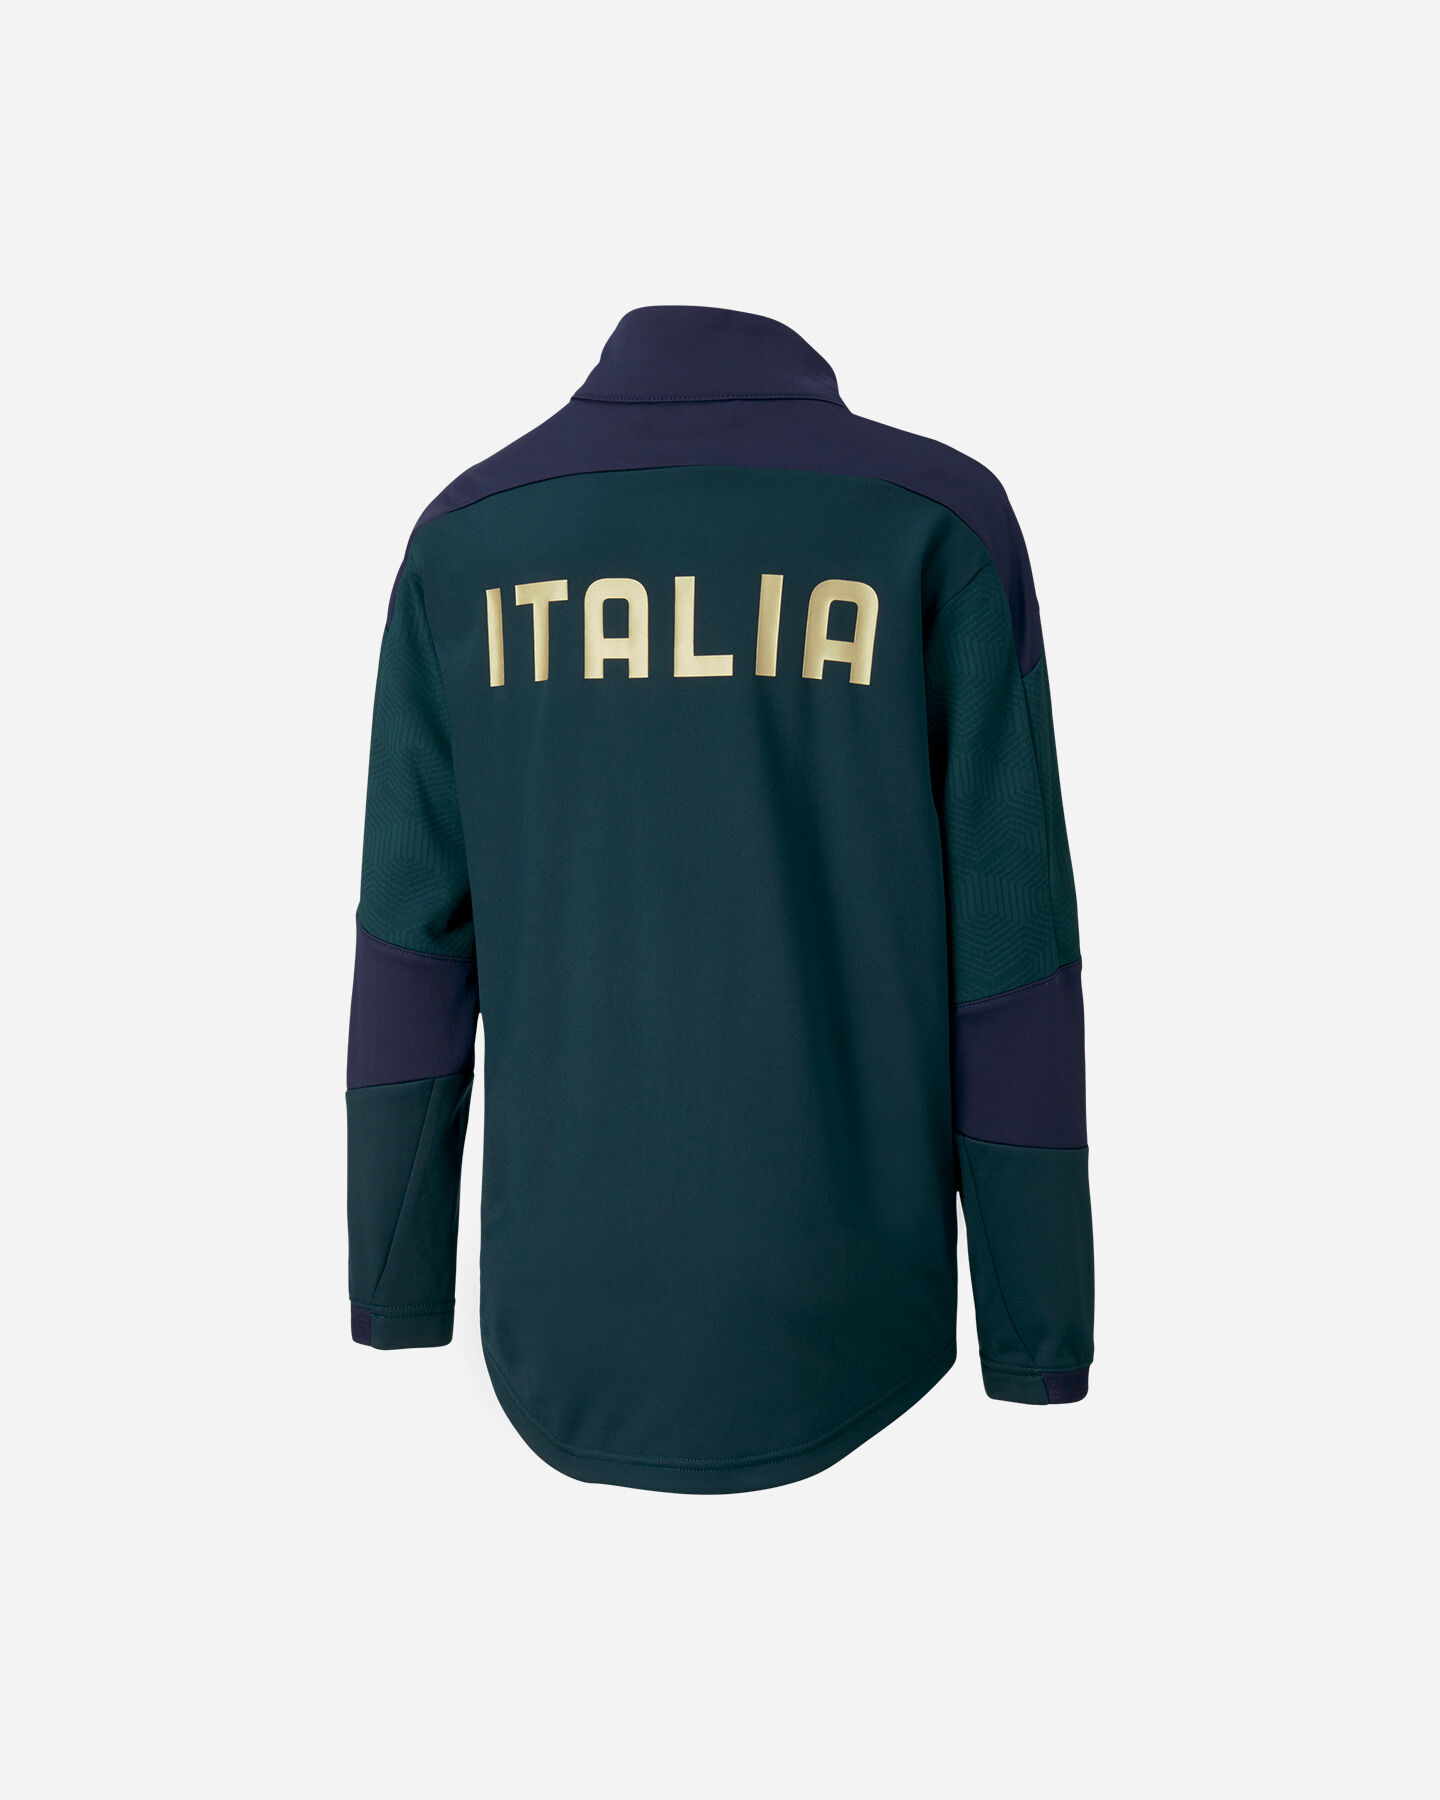 Abbigliamento calcio PUMA ITALIA TRAINING JR S5172843 scatto 1